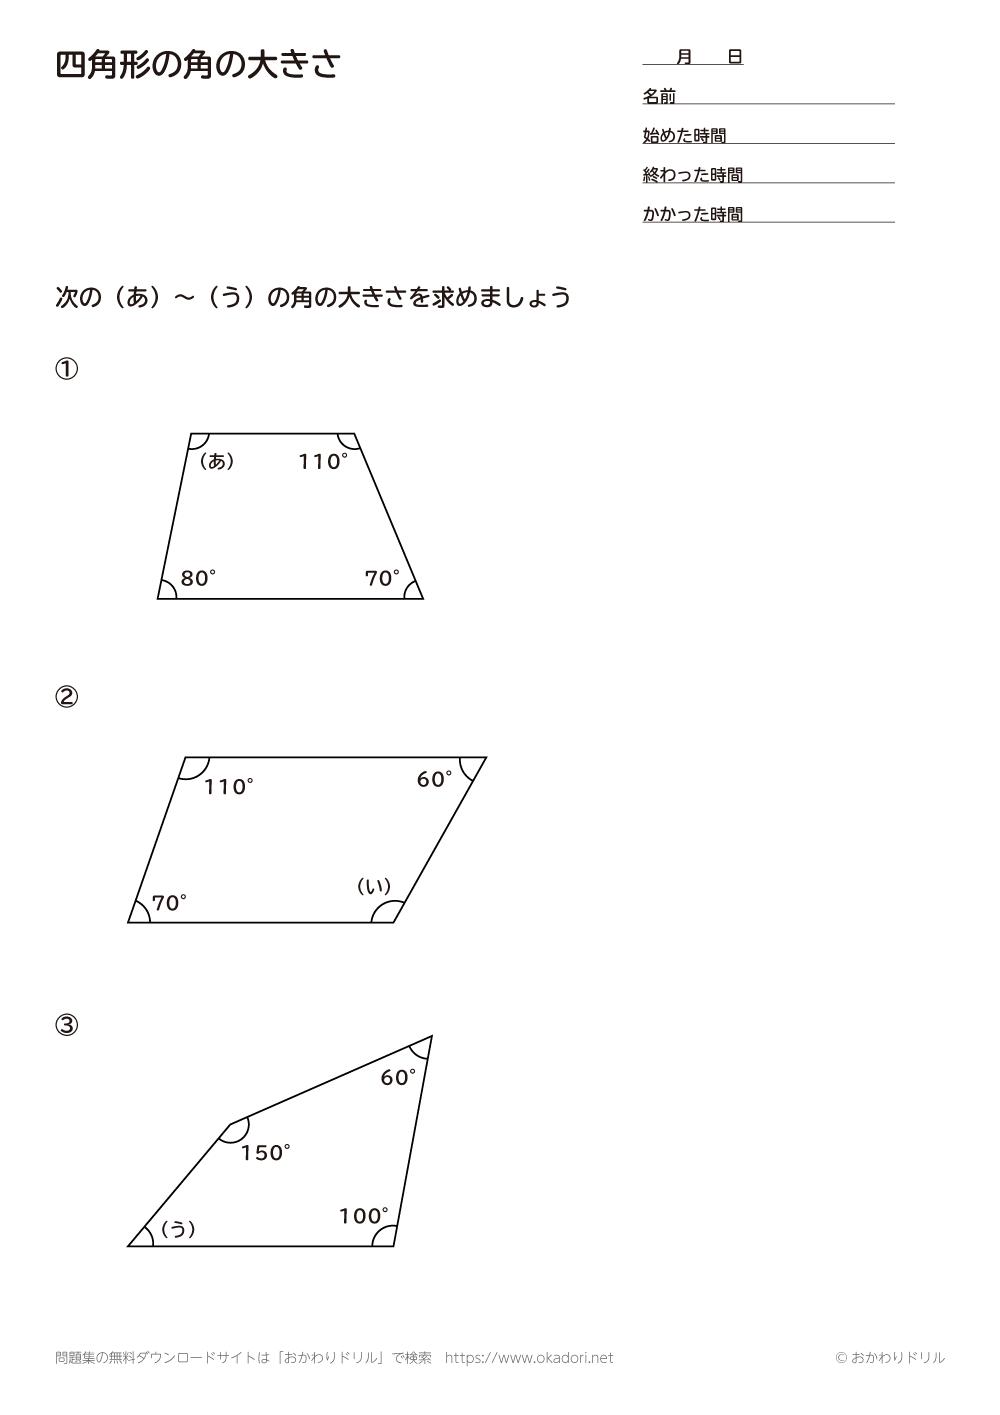 四角形の角の大きさ1